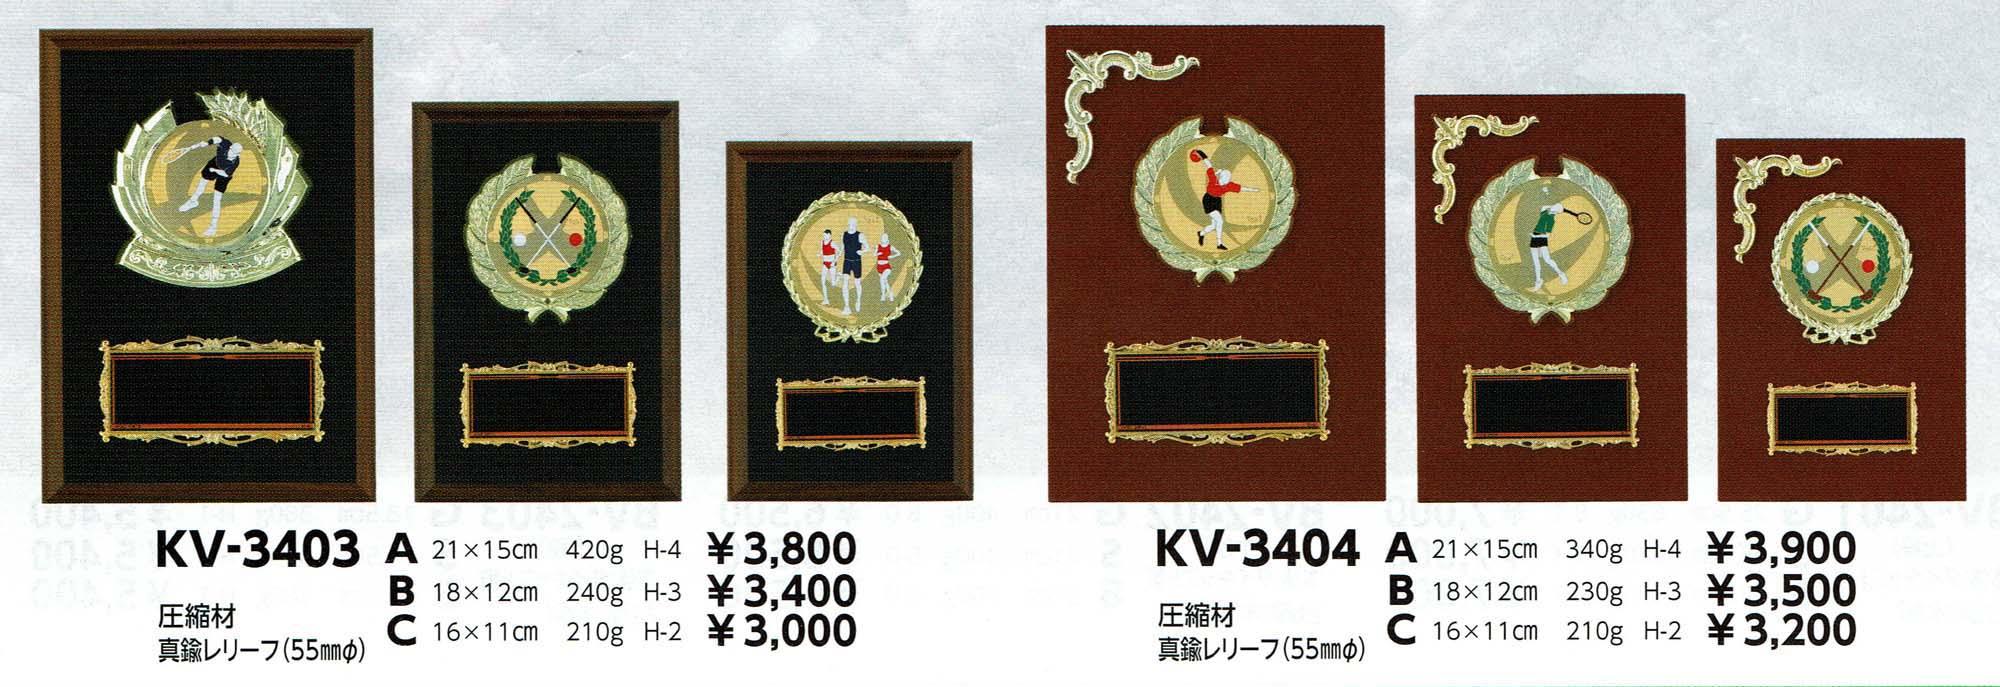 KV3403、KV3404